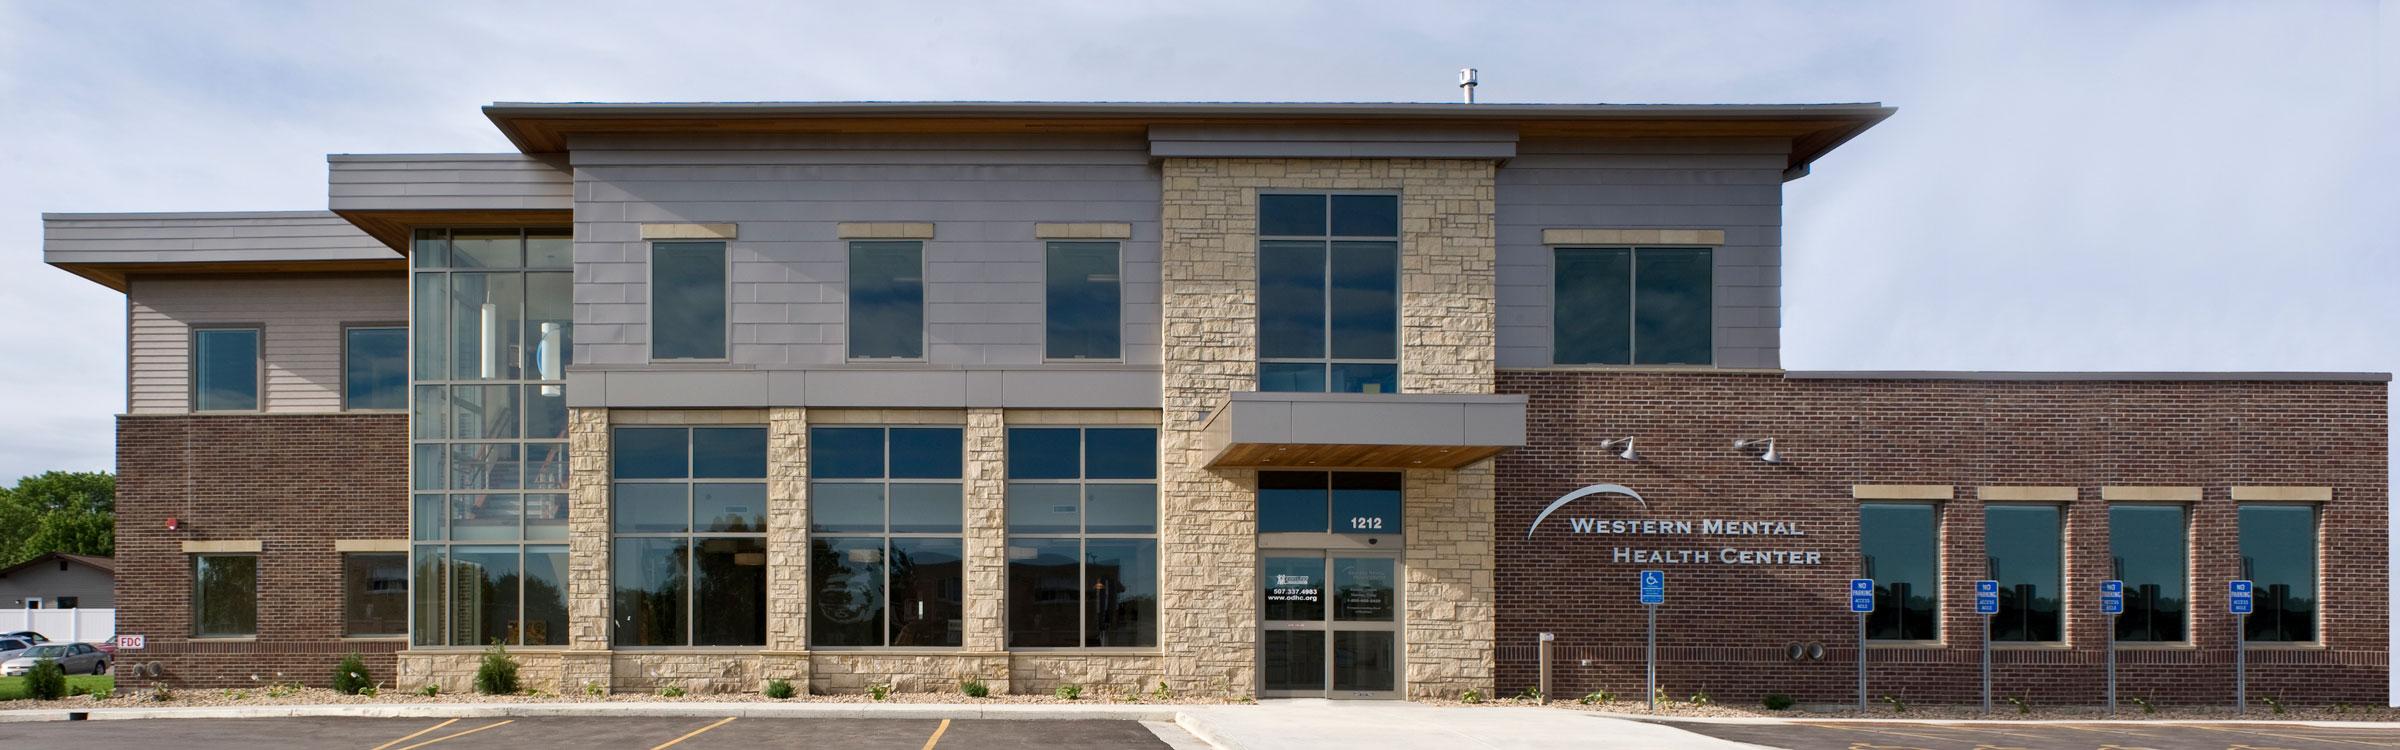 WMHC-BuildingFront2.jpg